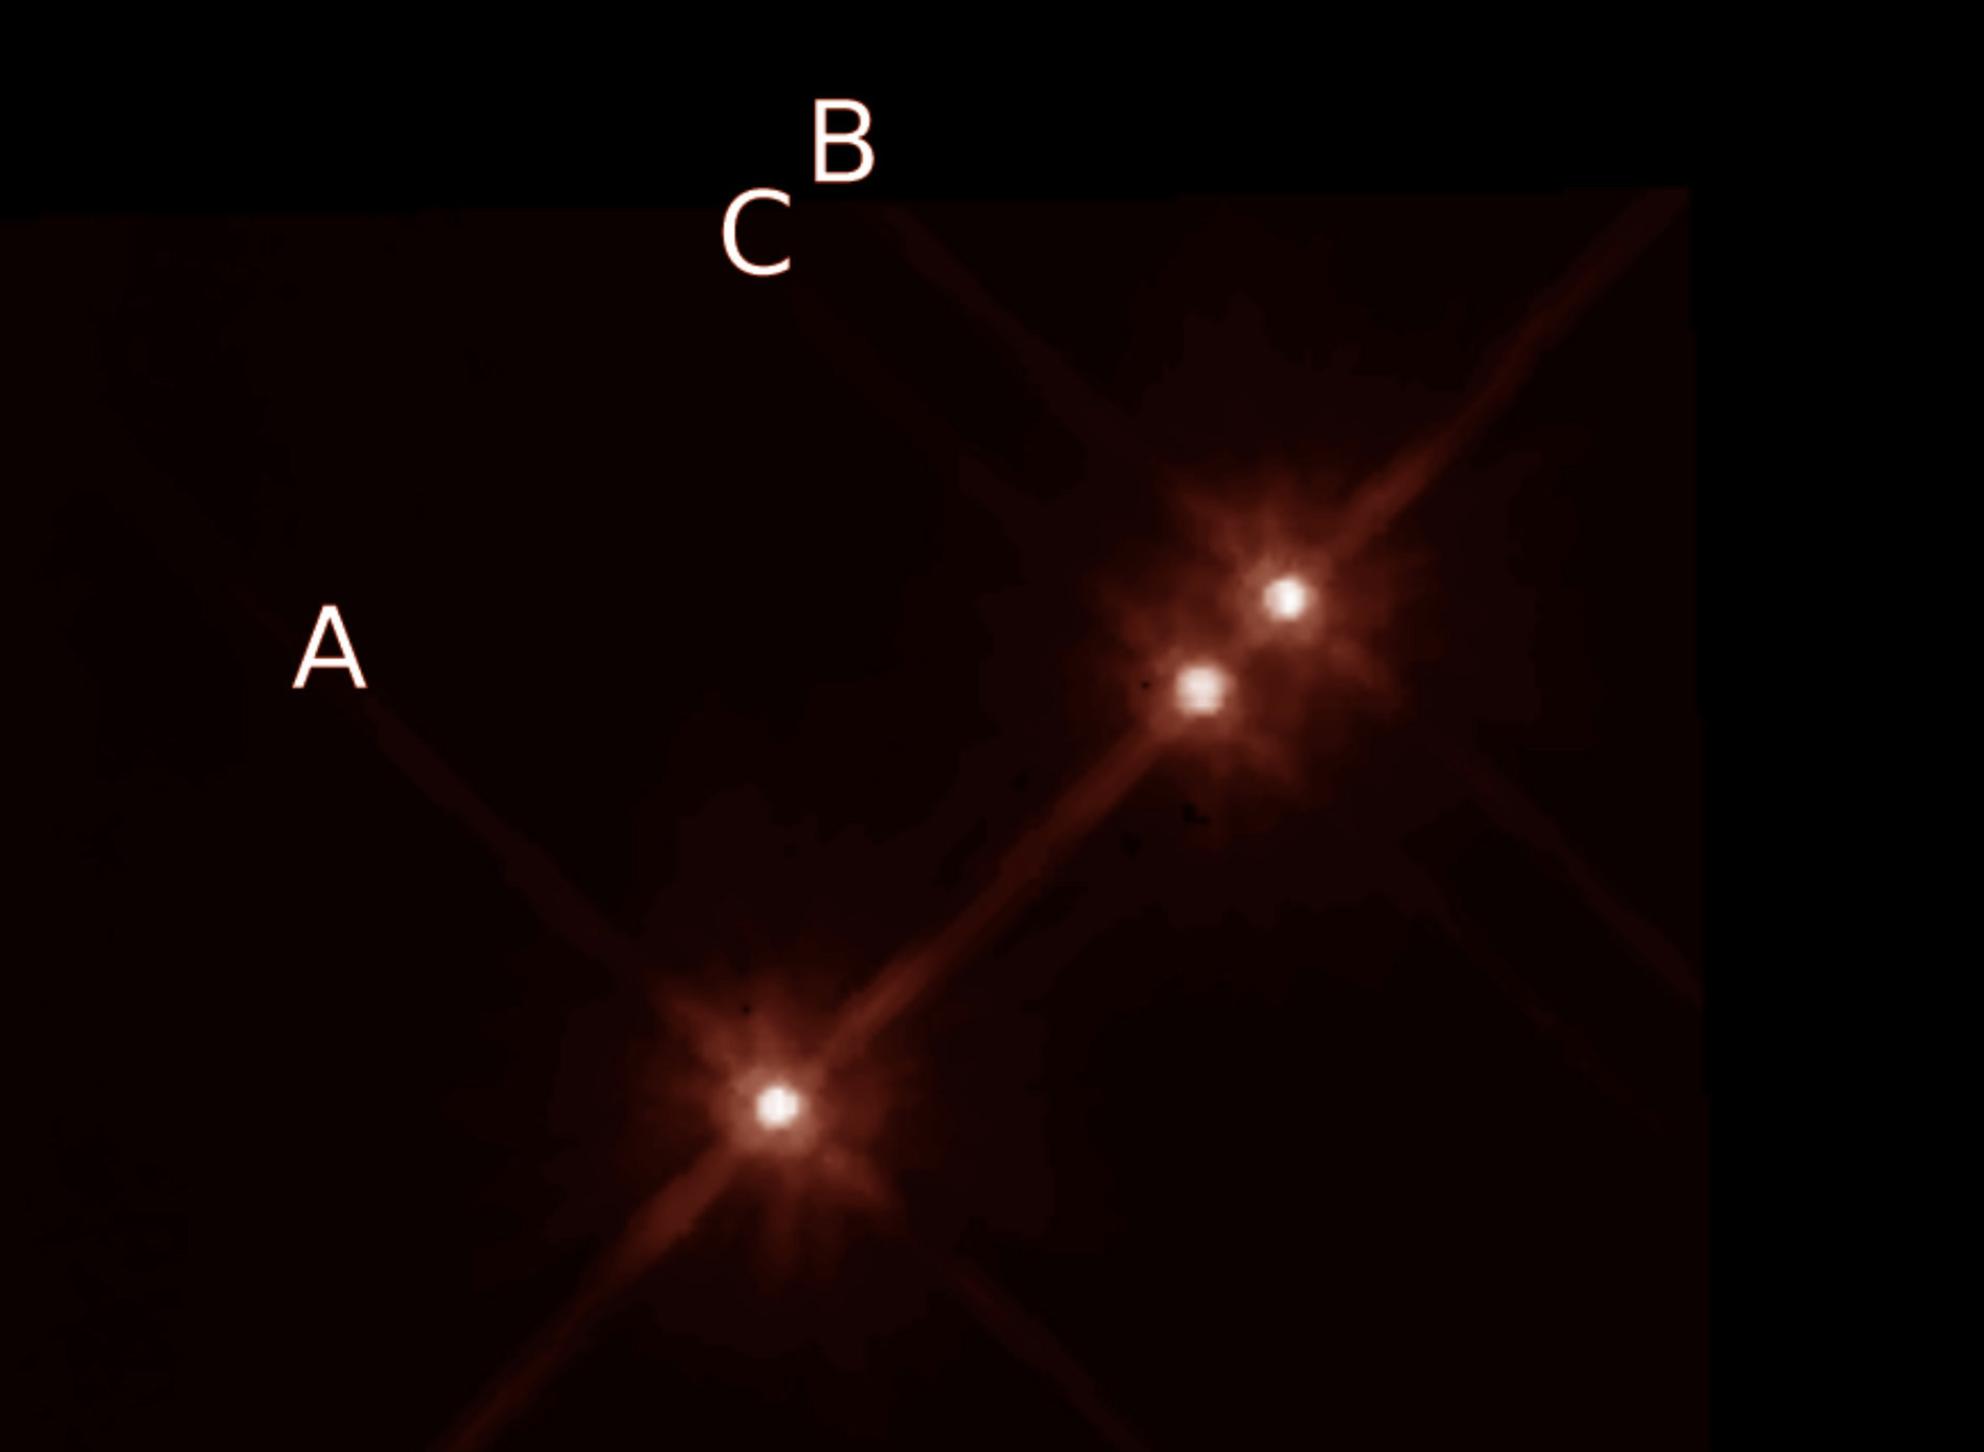 Ученые обнаружили экзопланету с тремя звездами всего в 22,5 световых годах от Земли